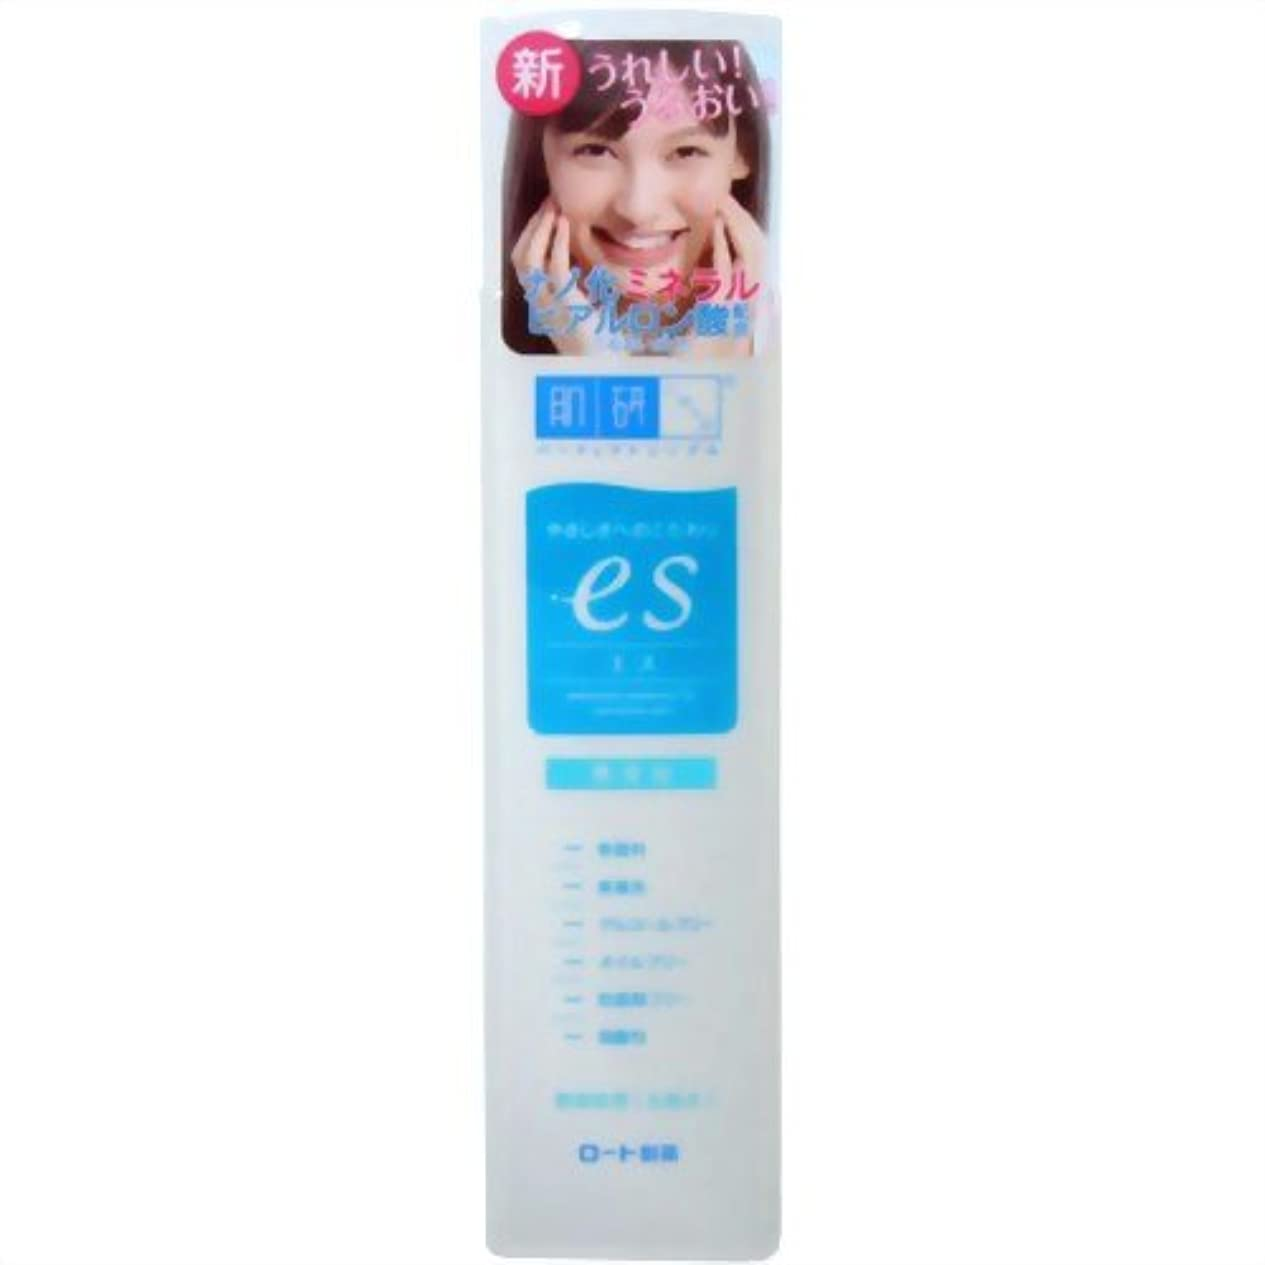 ワーディアンケース地上でネスト肌ラボ es(エス) ナノ化ミネラルヒアルロン酸配合 無添加処方 化粧水 170mL